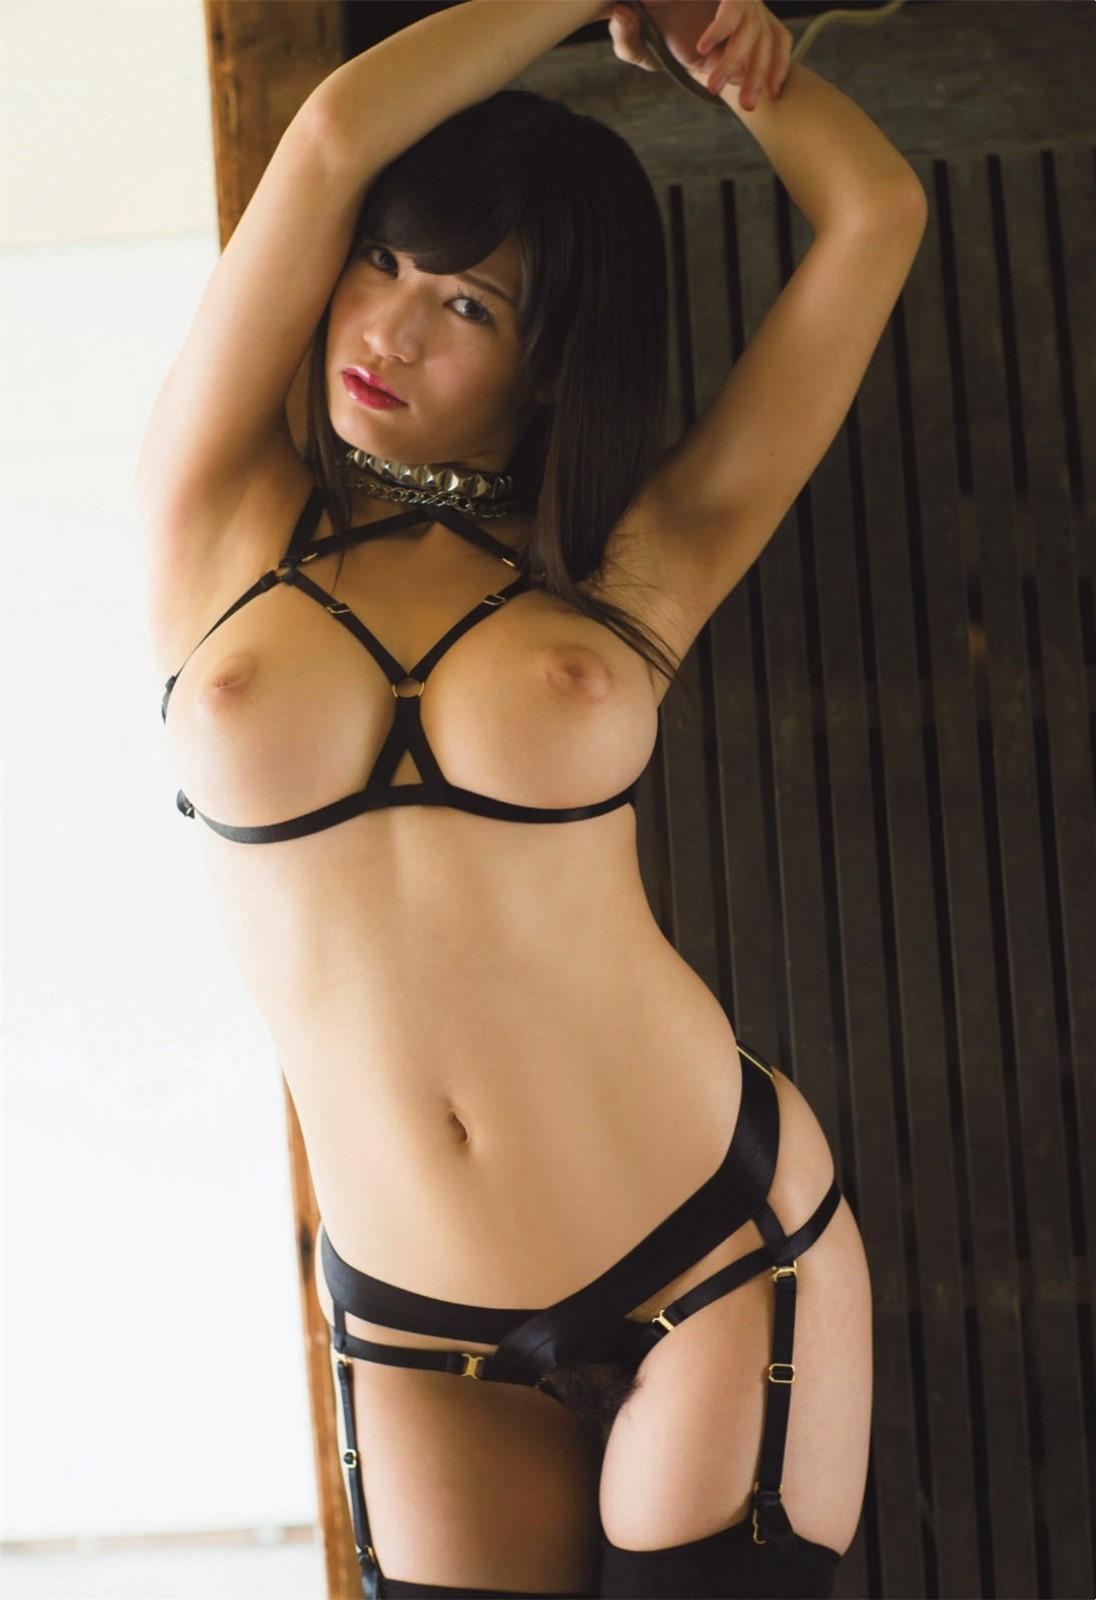 三次元 3次元 エロ画像 AV女優 高橋しょう子 ヌード べっぴん娘通信 76